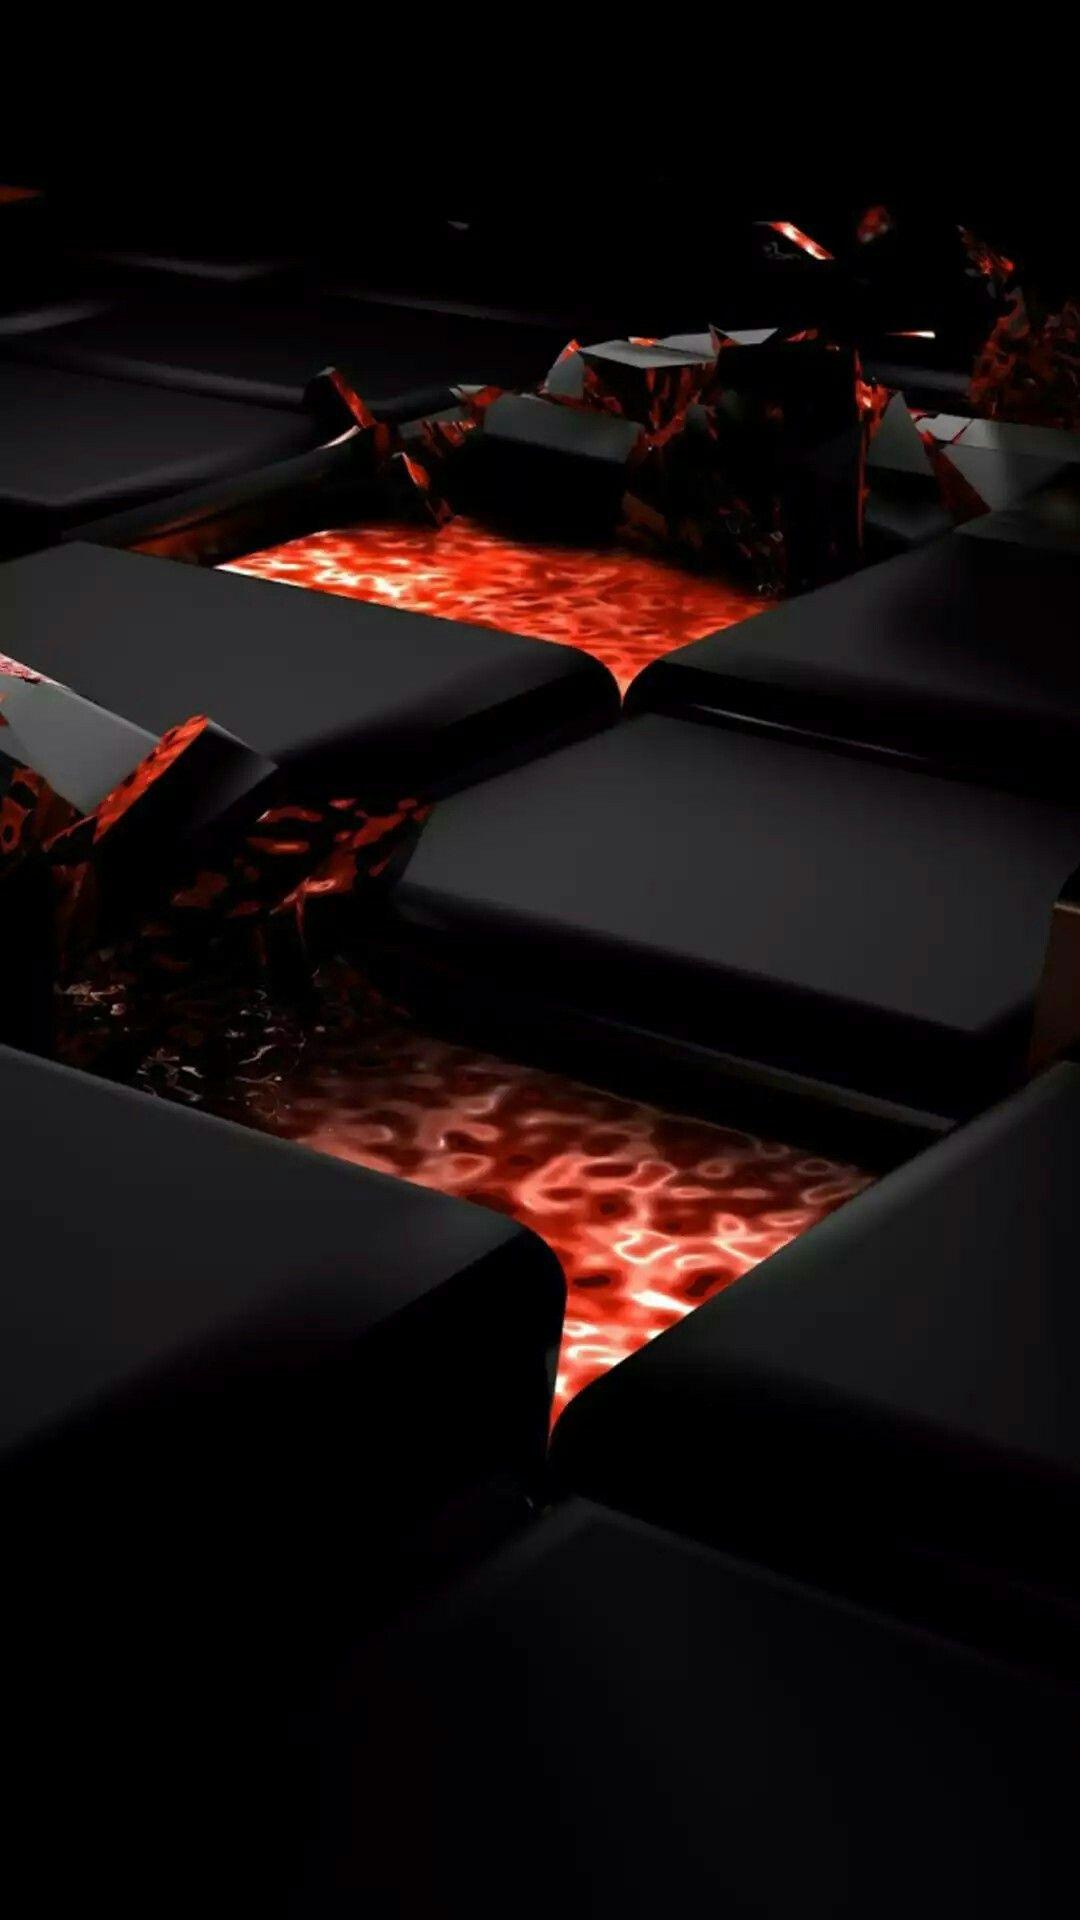 Red Lava Under Black Keys Wallpaper Black Hd Wallpaper Iphone 3d Wallpaper For Mobile Iphone 7 Wallpapers